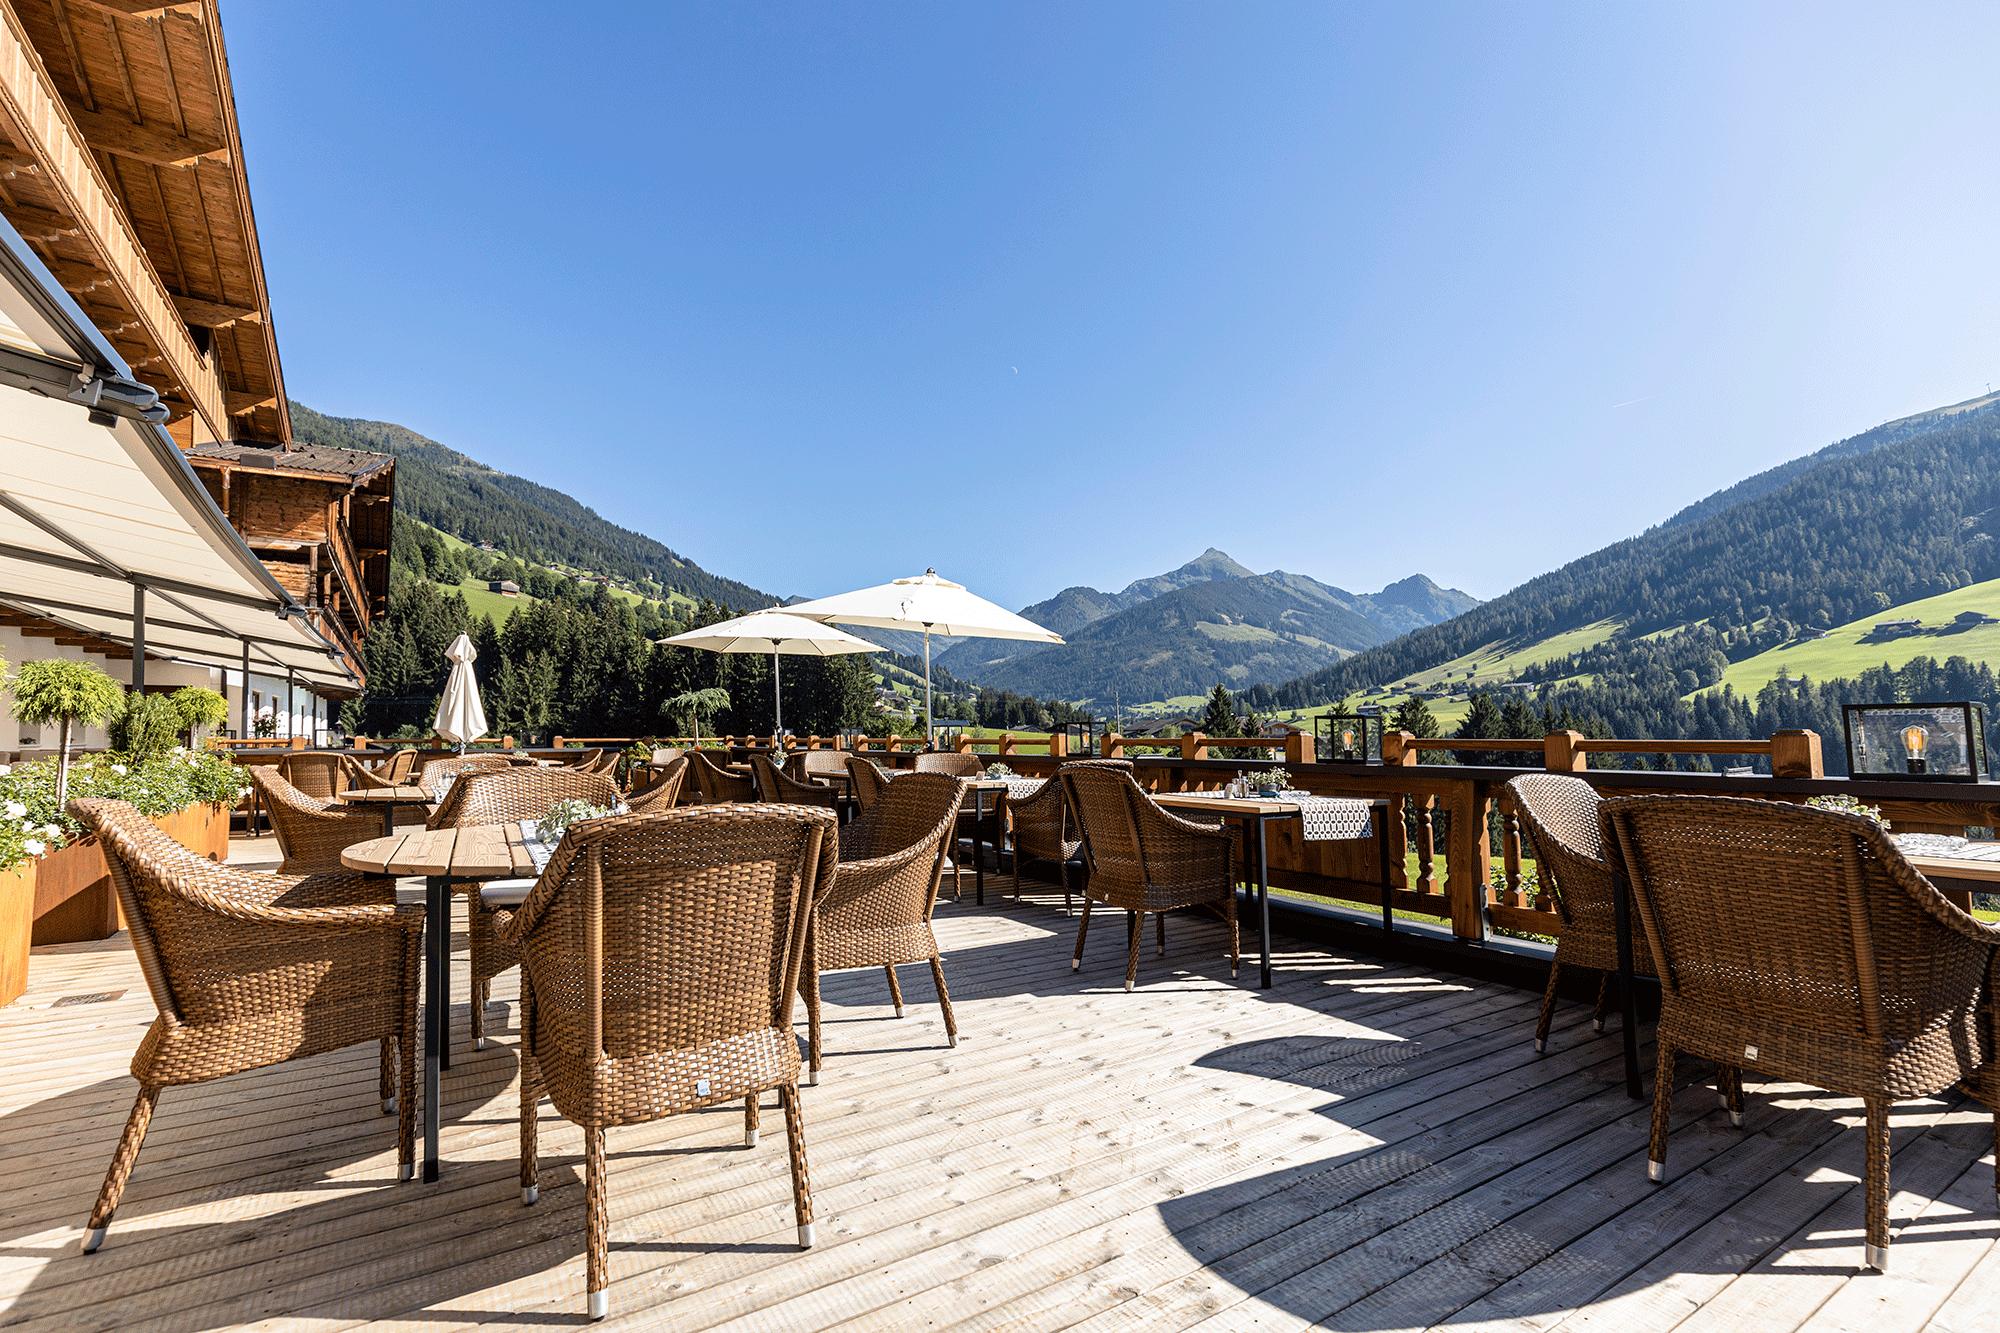 Sonnenterasse Alpbacherhof mit Blick in die Natur Alpbachtal